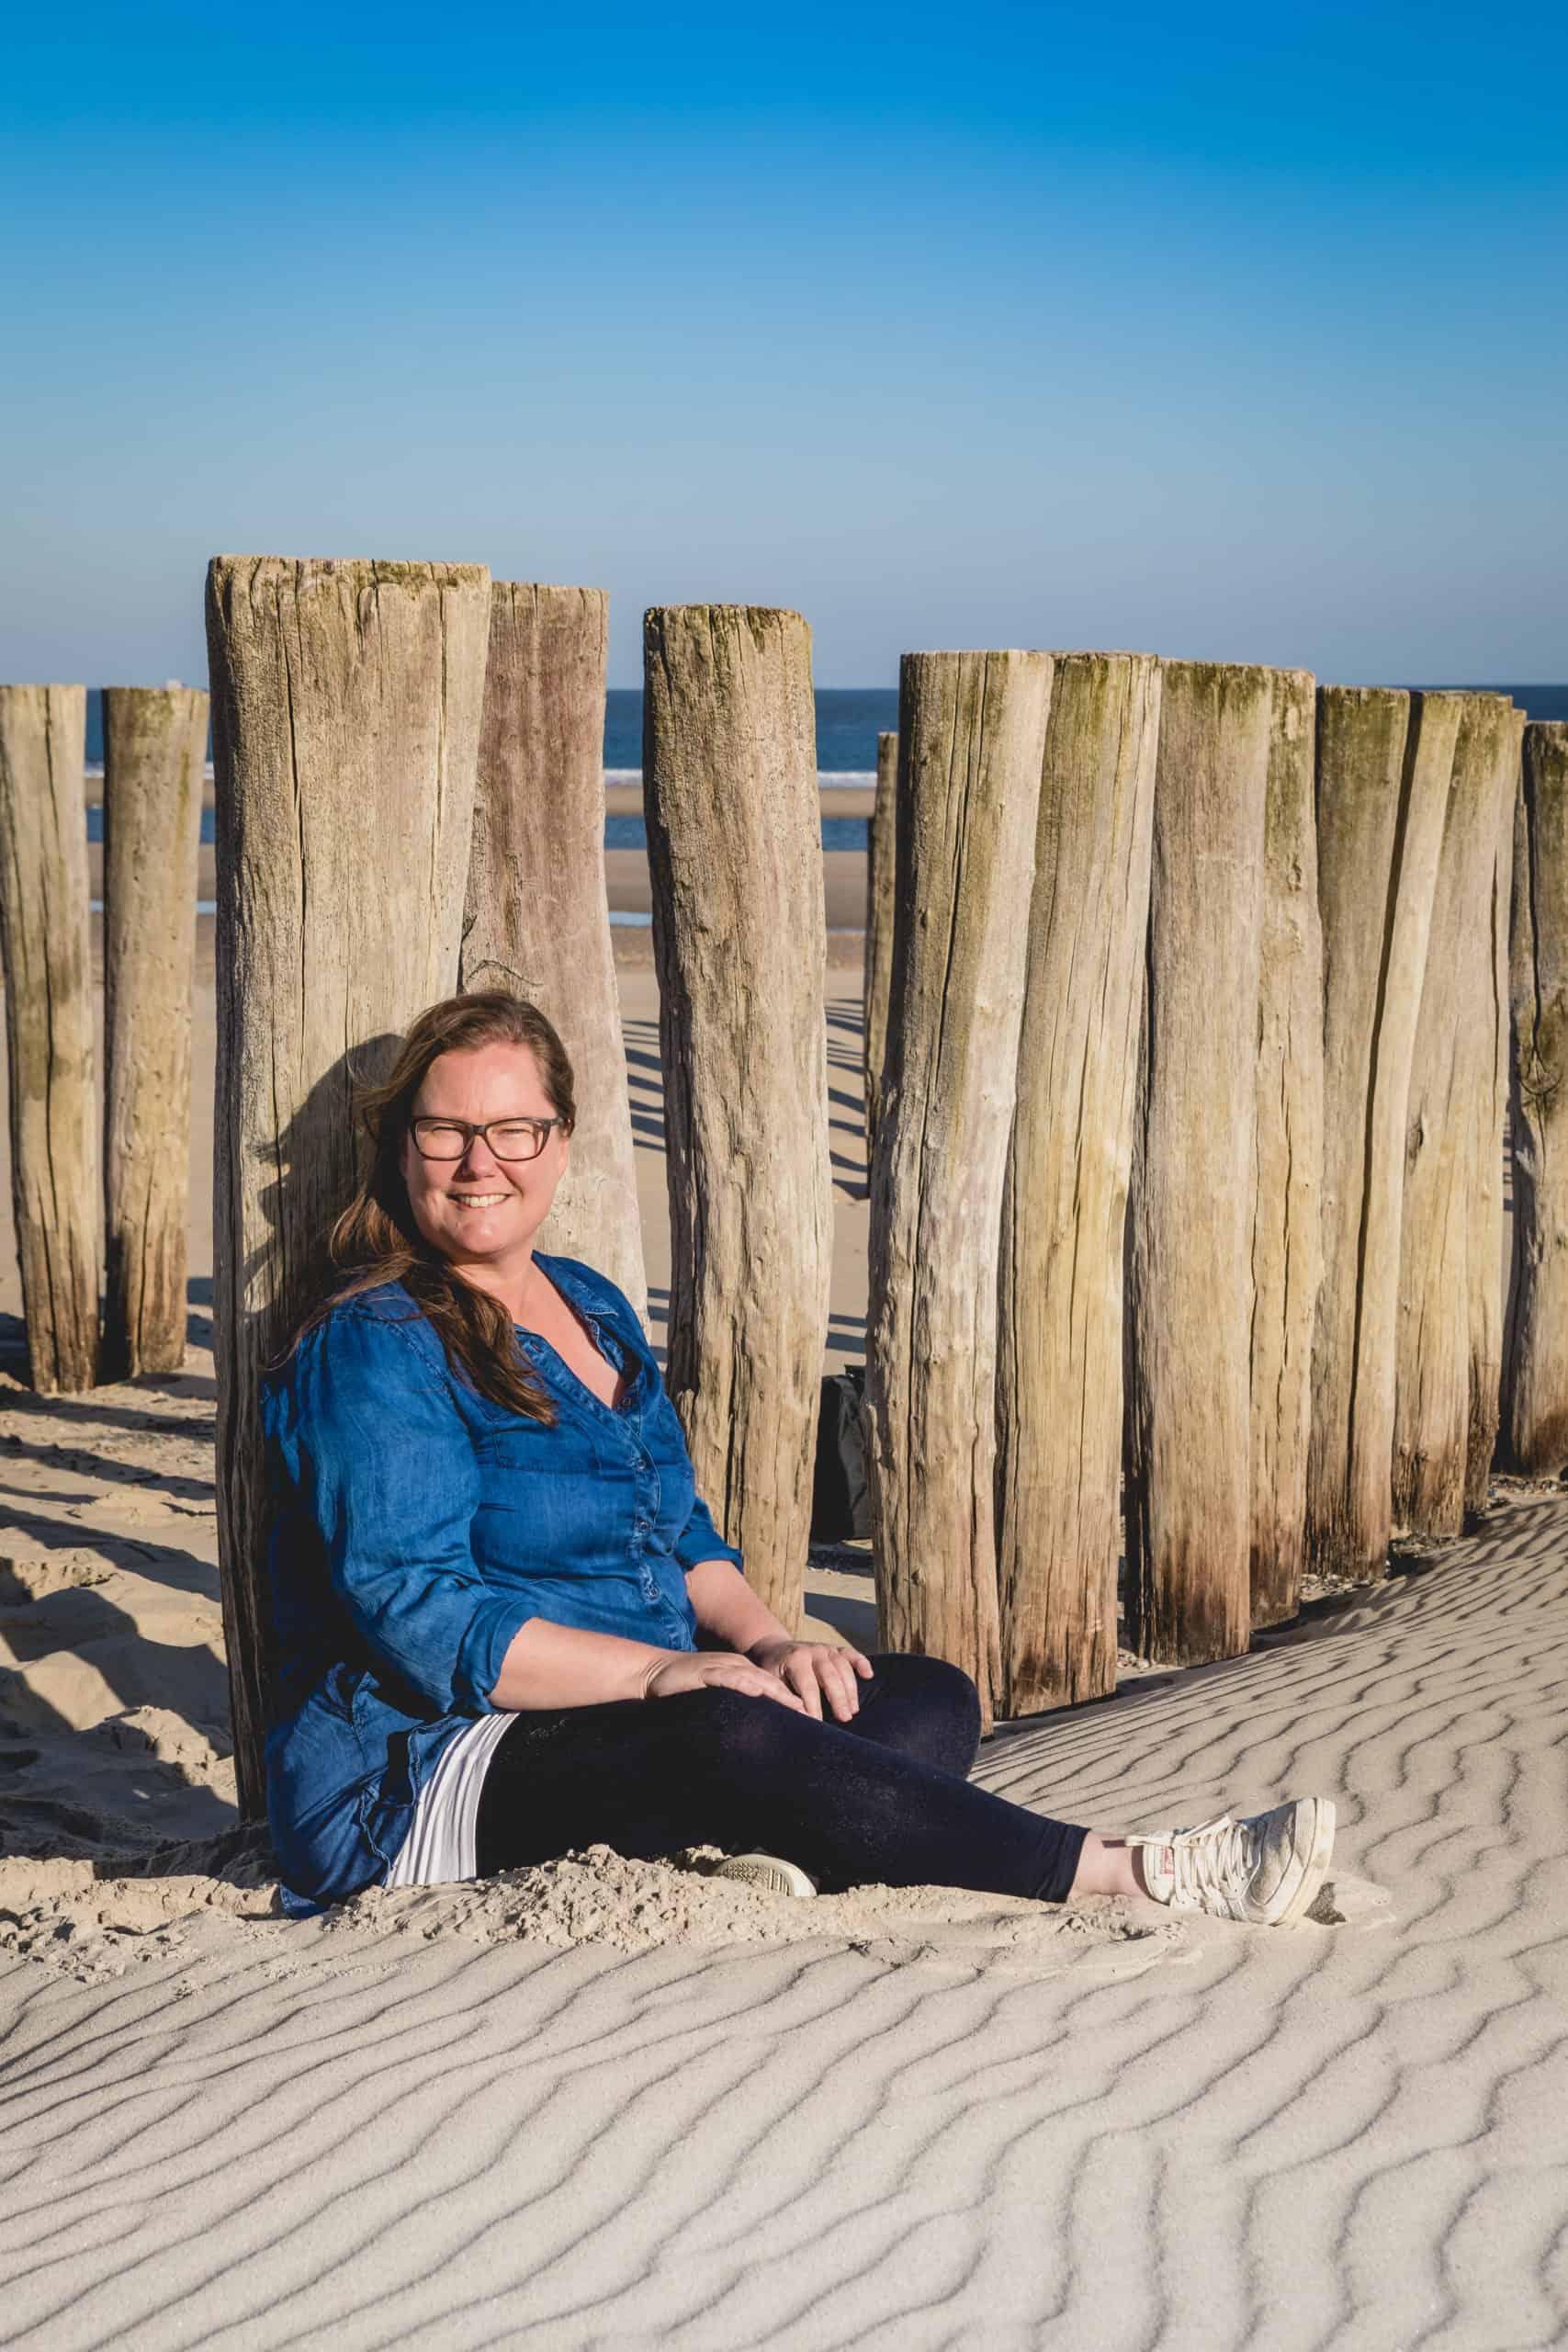 Caja ontspannen zittend op het strand. Tegen de starndpalen. Ze kijkt je aan.